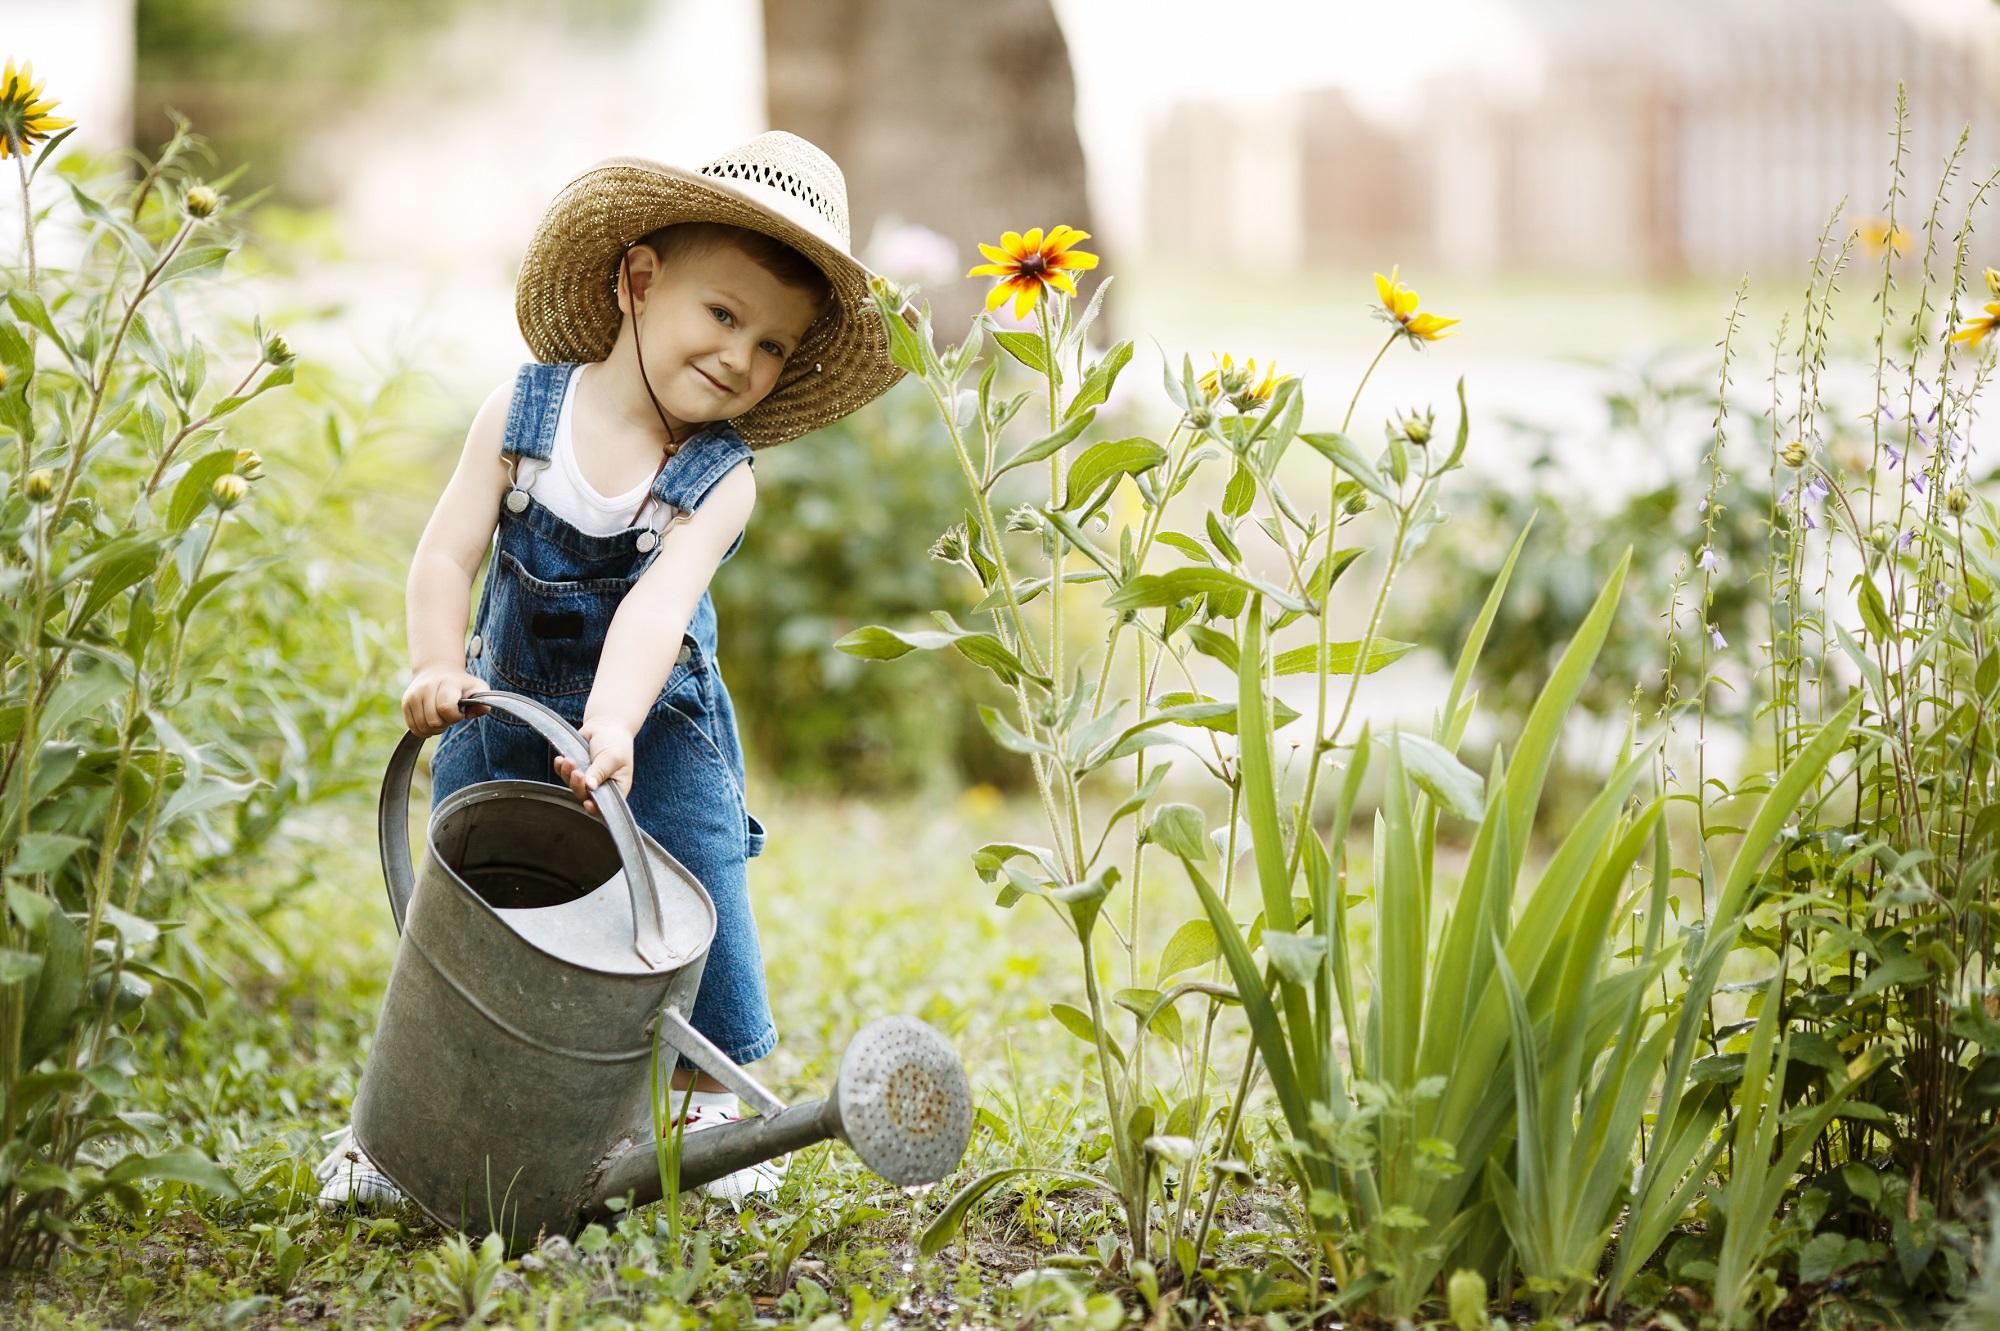 Календарь садовода и огородника июне. Источник фото: Shutterstock